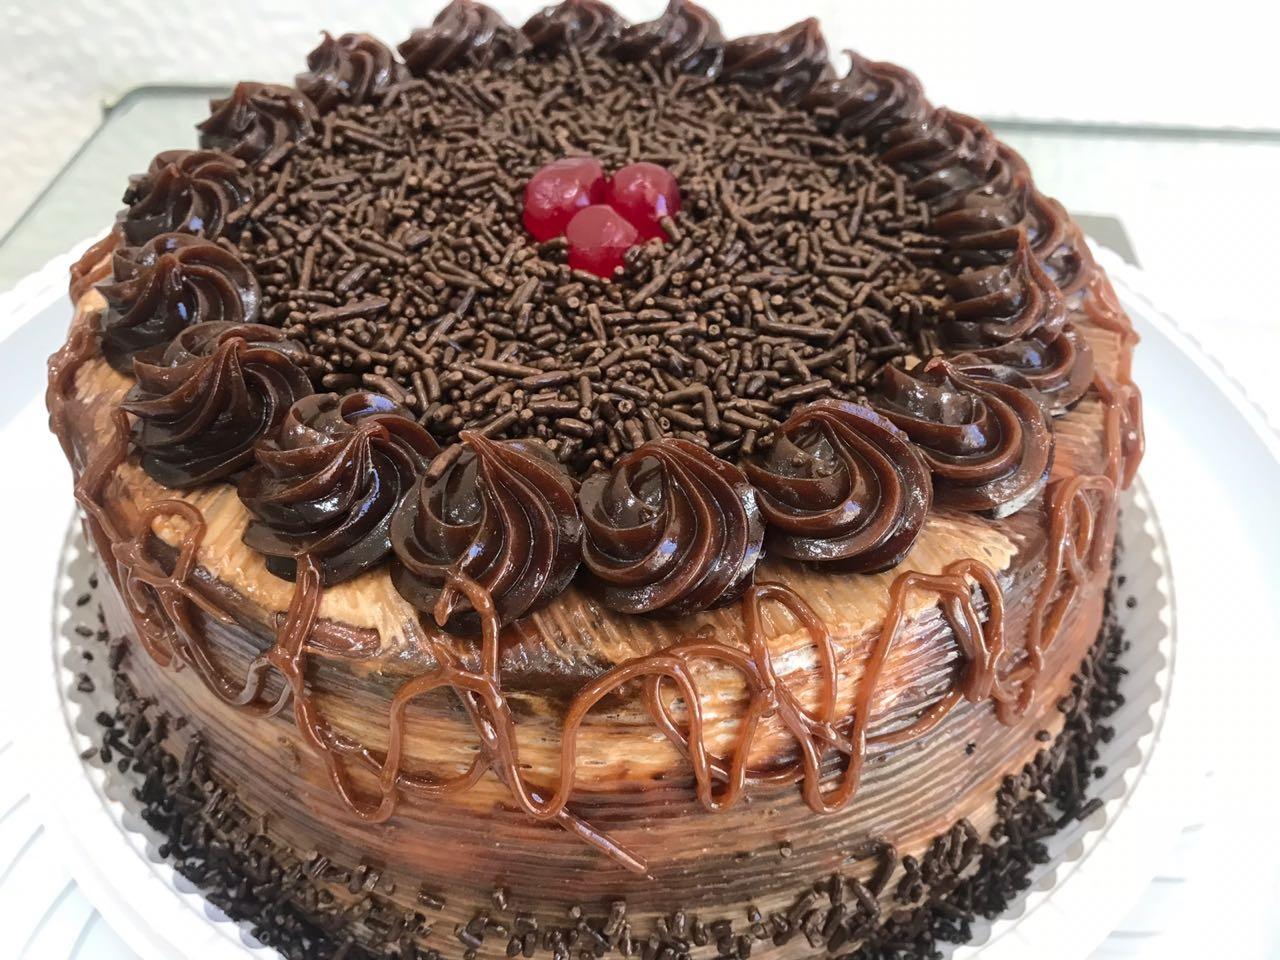 Festa perfeita é com Delícia Doces e Salgados! 1 Torta Doce para 20 pessoas + 100 Salgados + 50 Docinhos ou Torteletes por apenas R$49,90